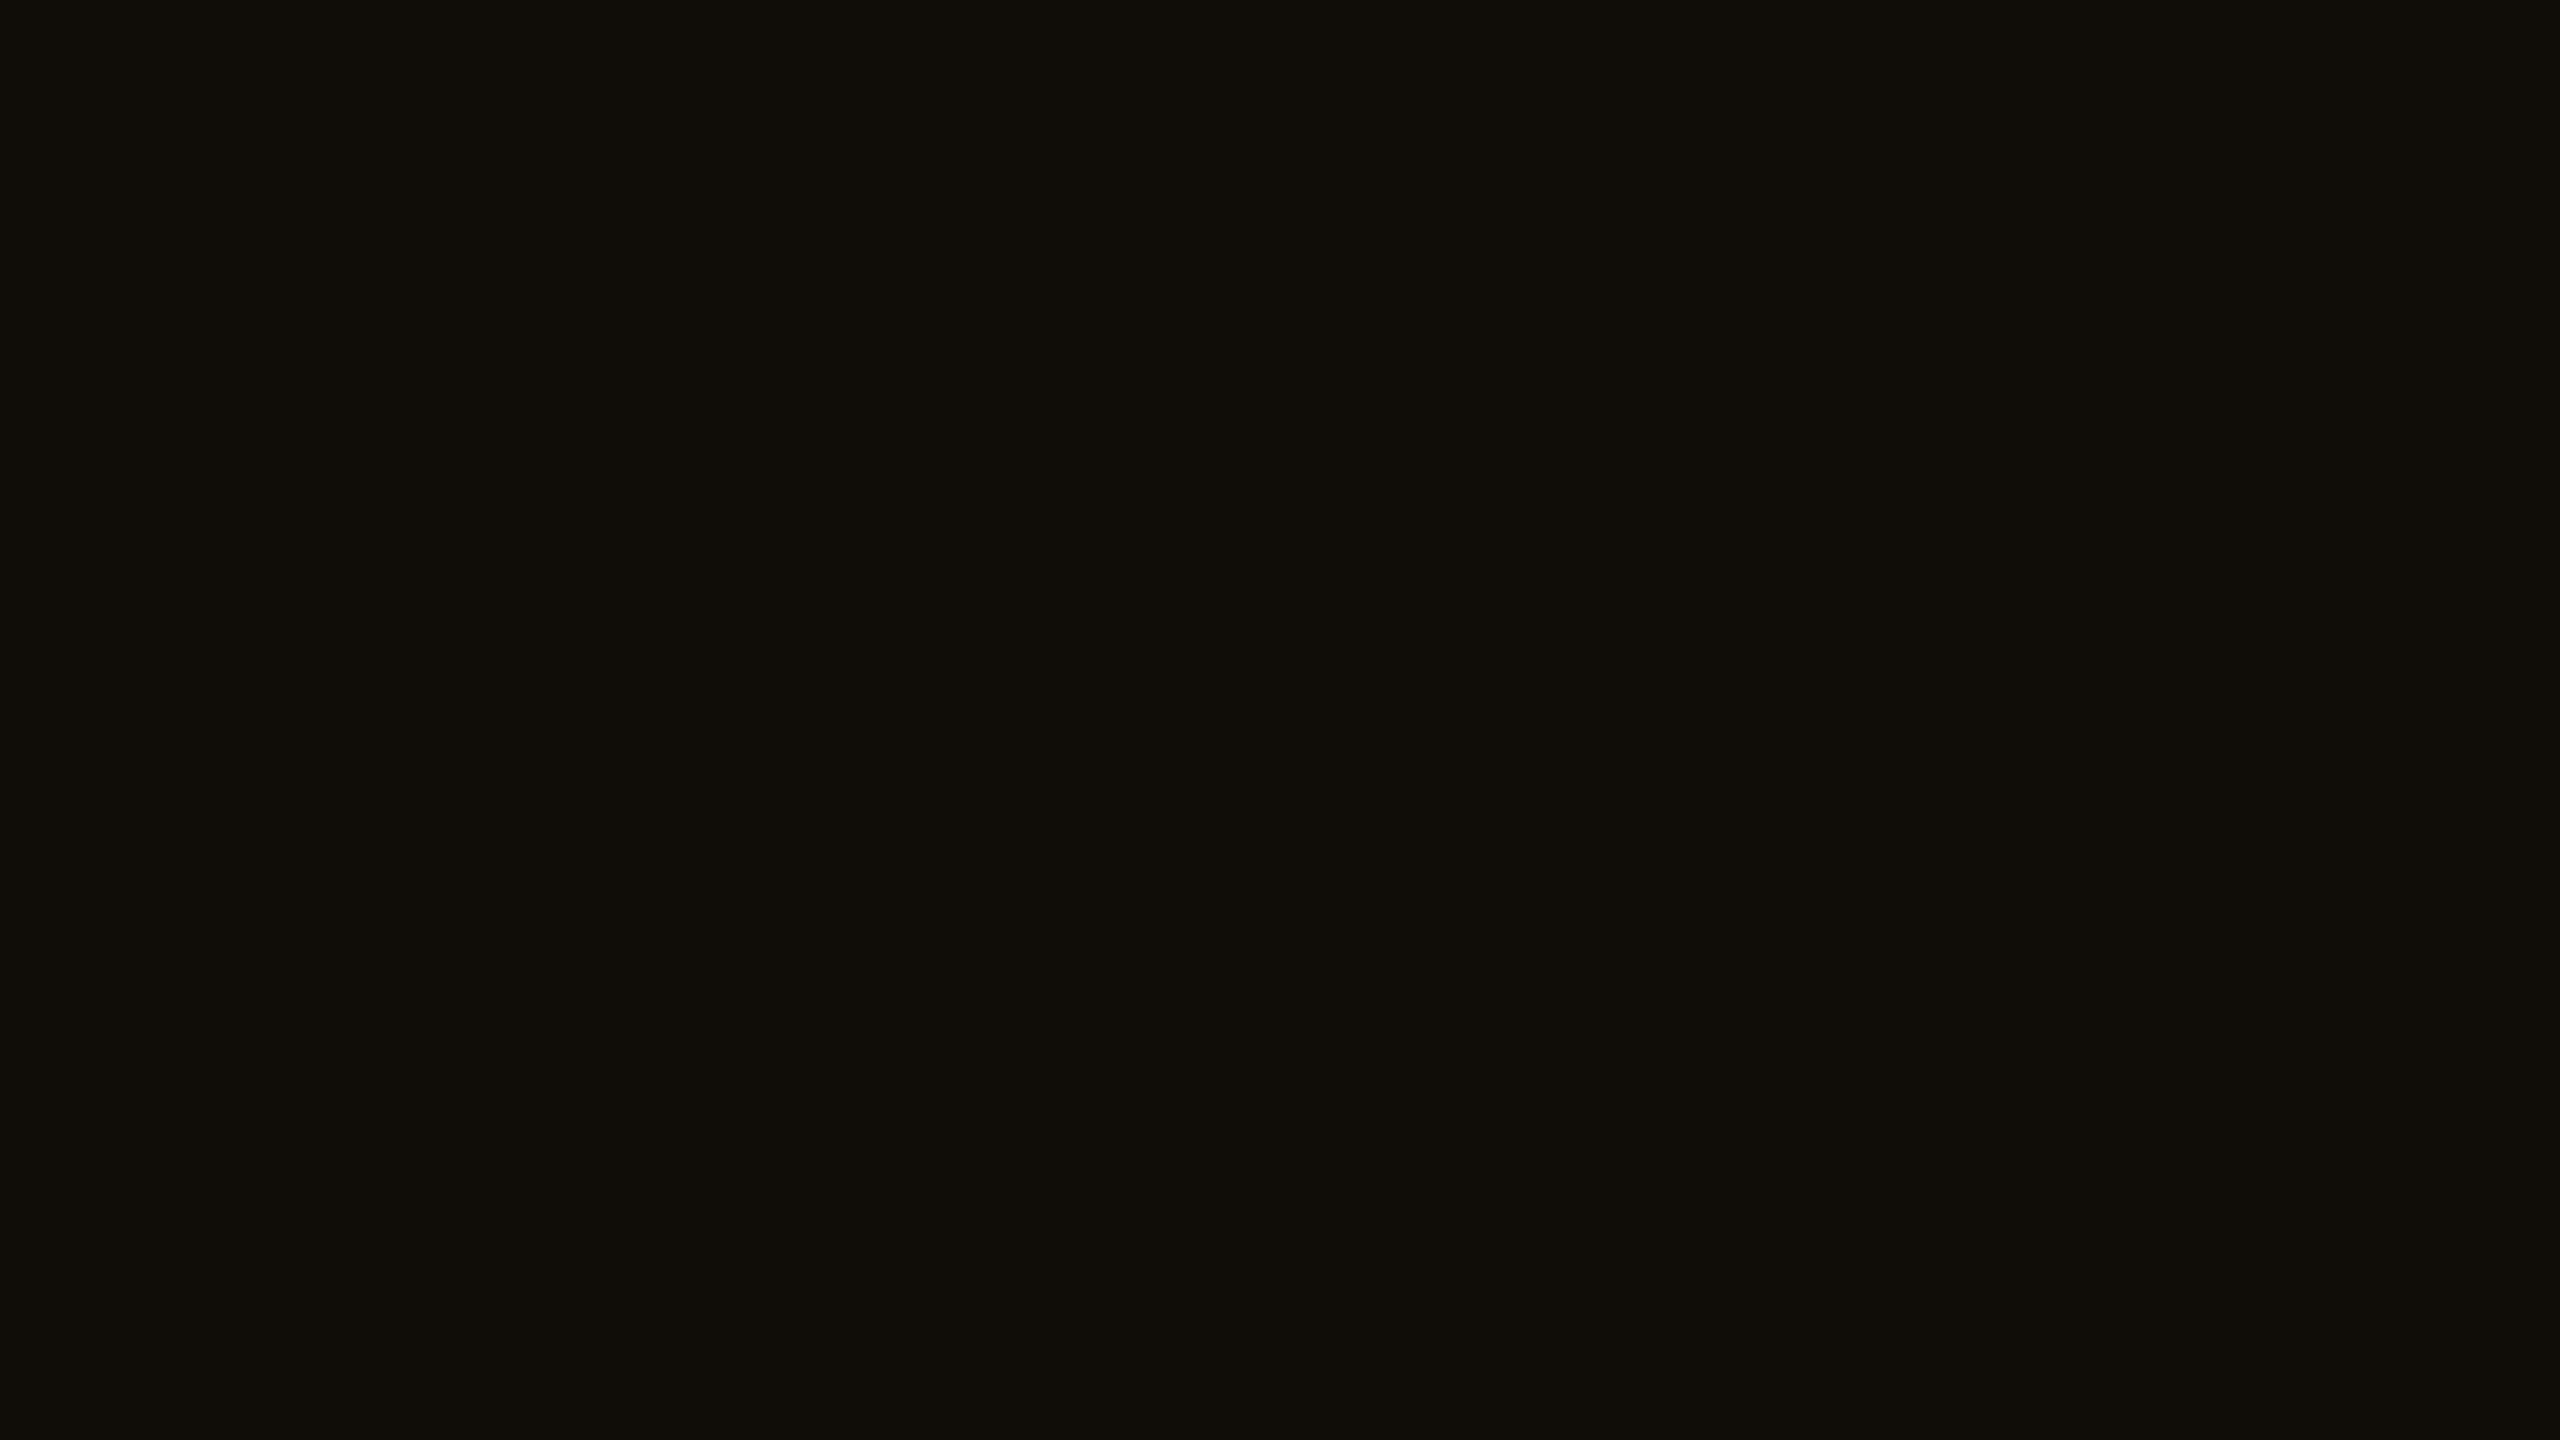 Plain black background 41 desktop wallpaper for Black wallpaper full hd